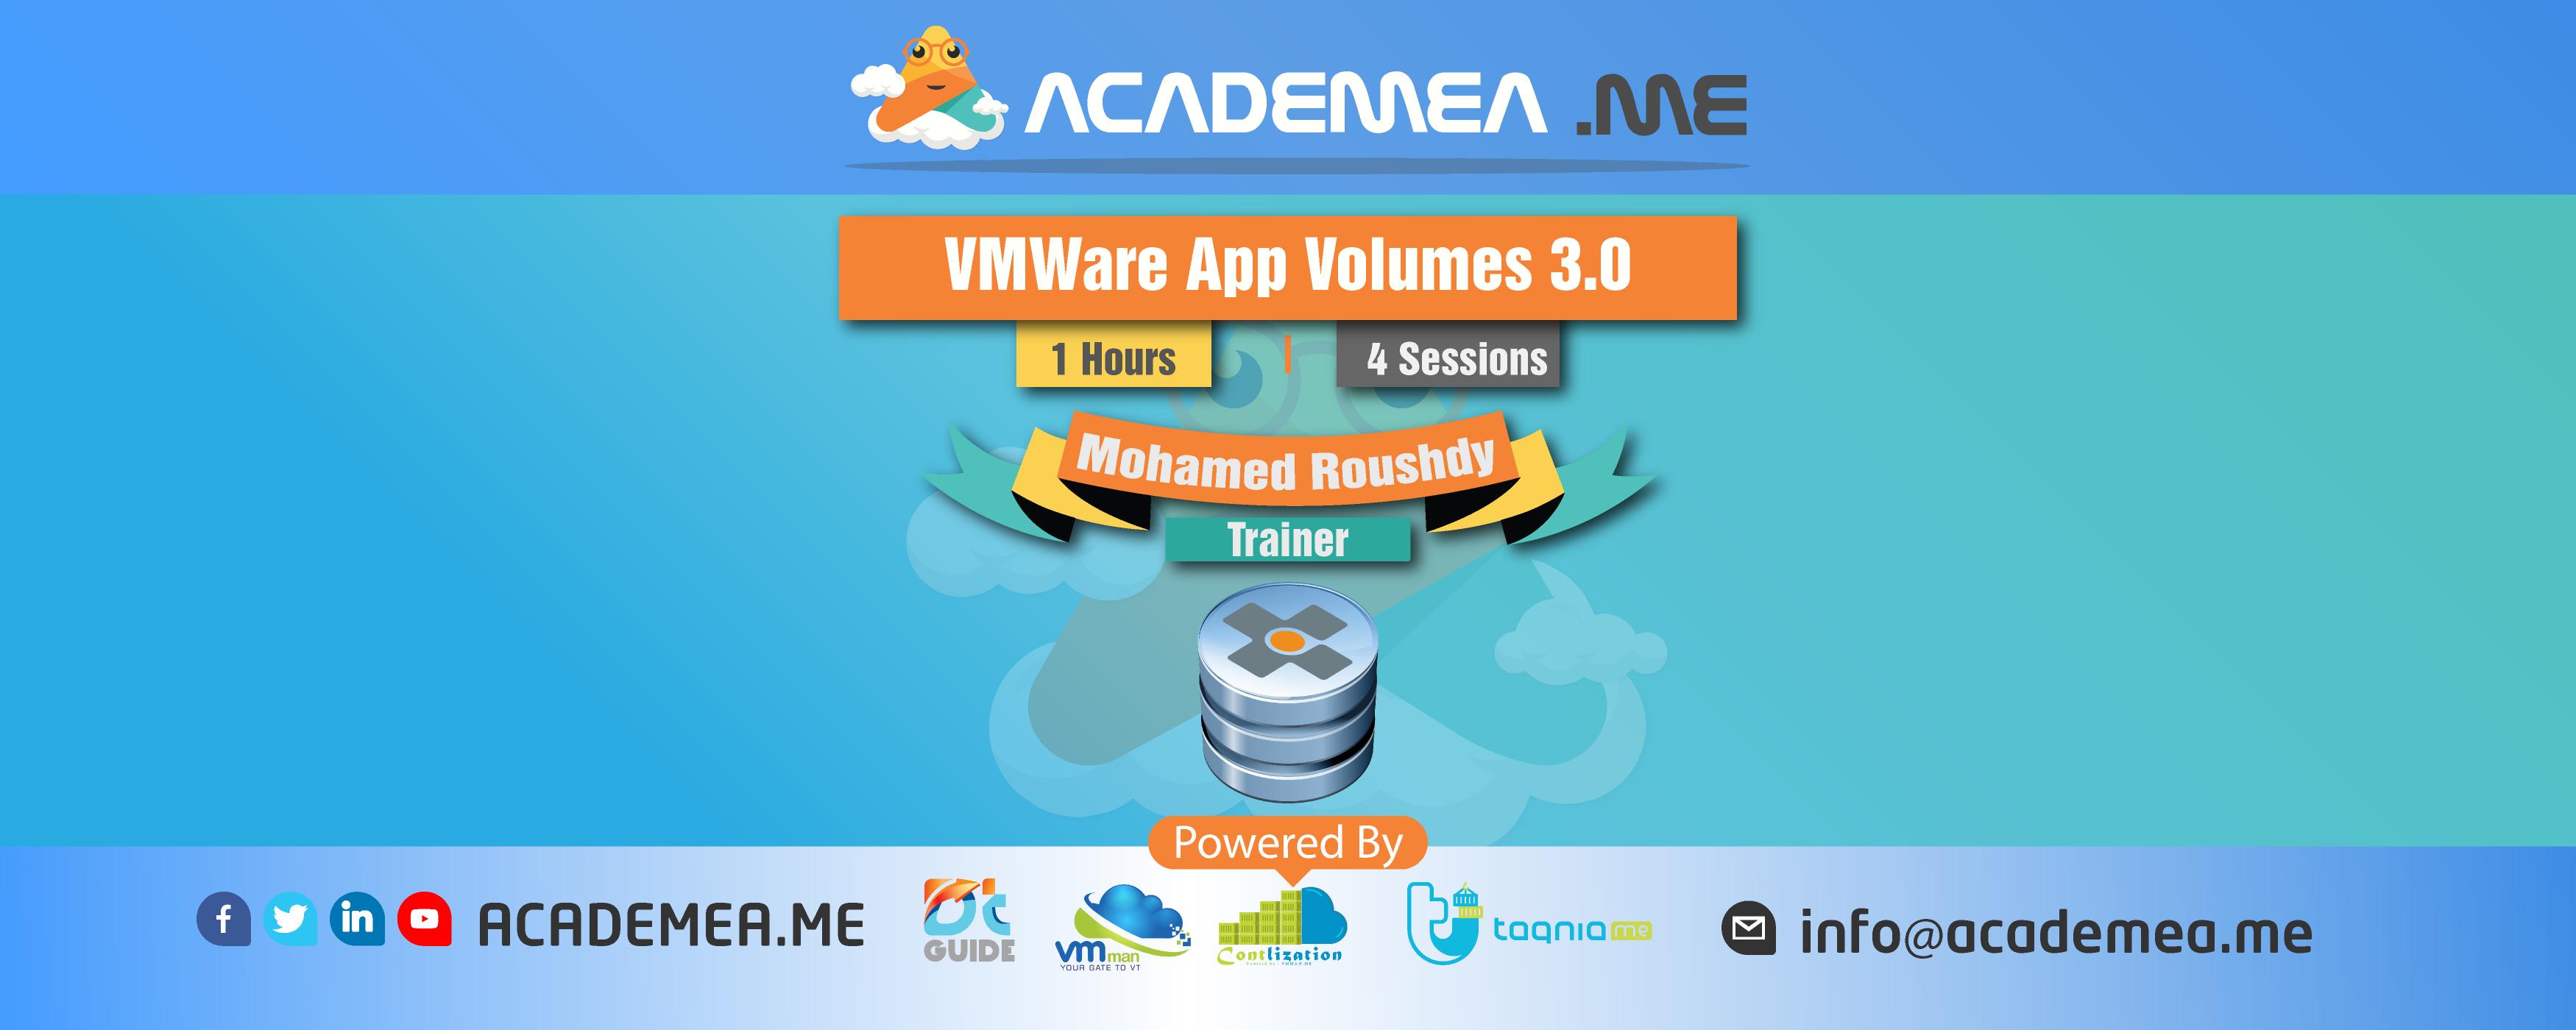 VMWare App Volumes 3.0